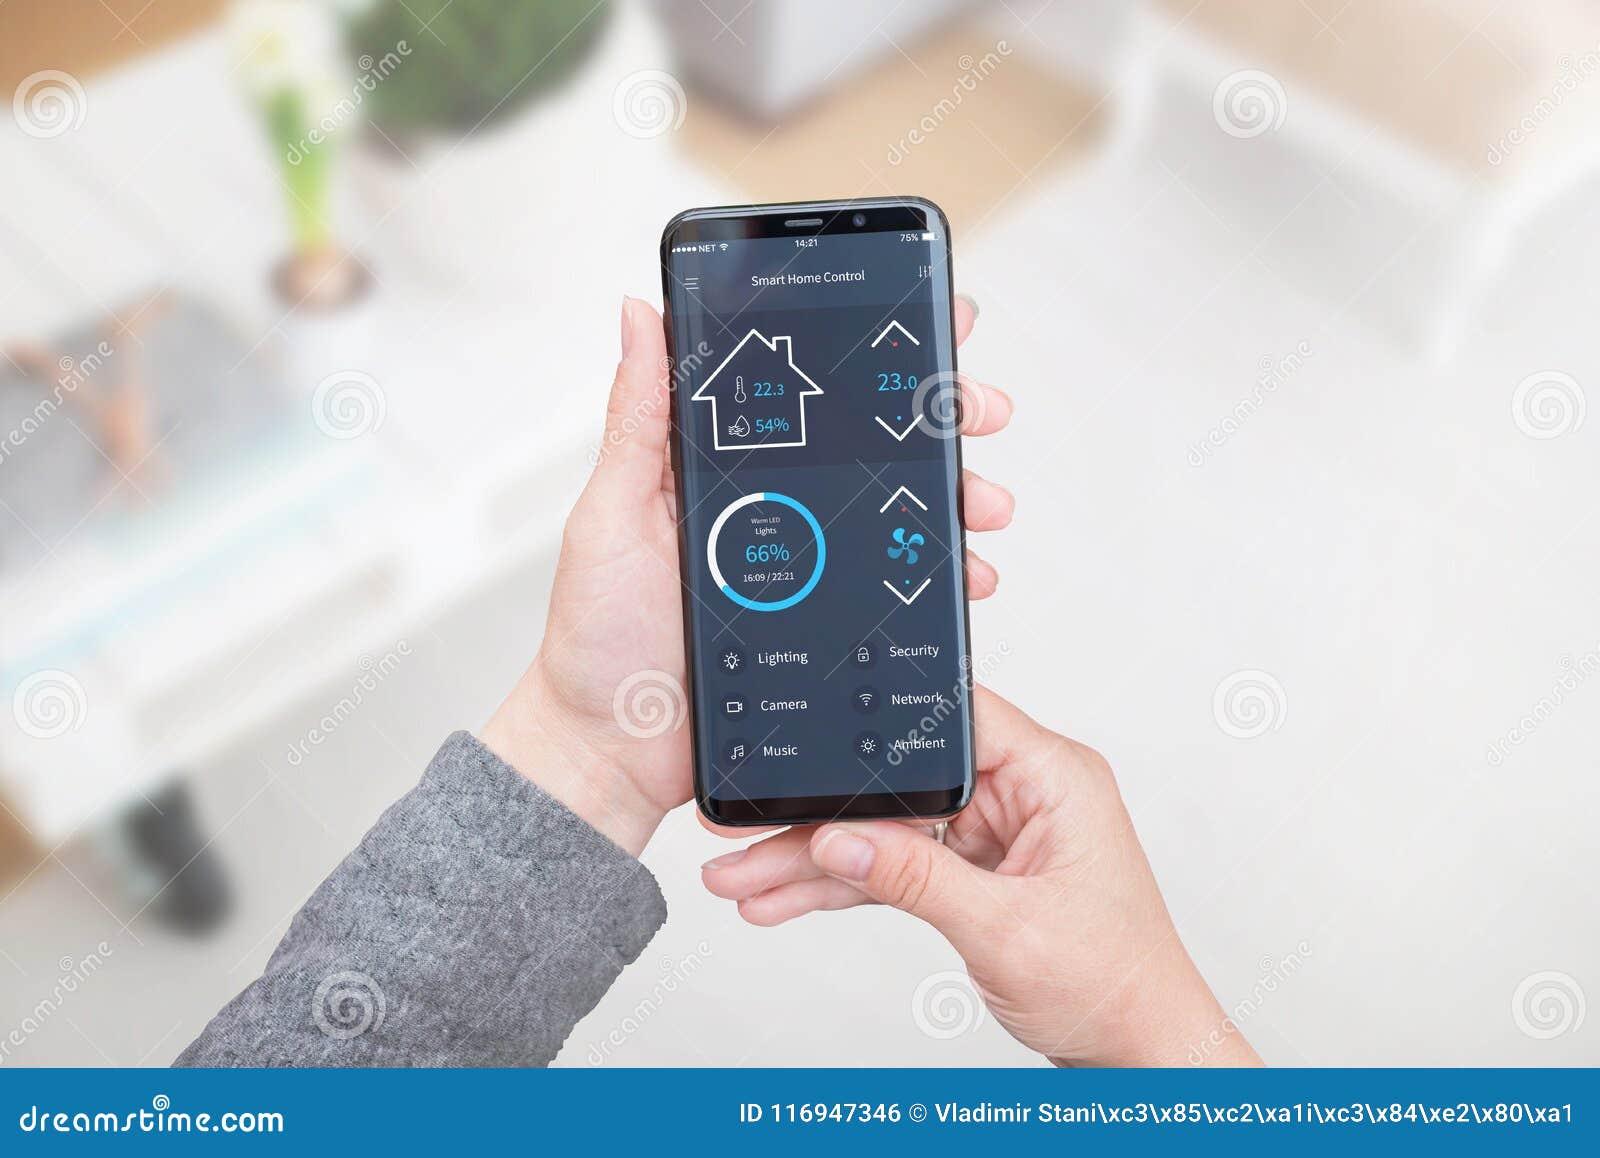 Controle home esperto app para dispositivos móveis na mão da mulher Interior da sala de visitas no fundo